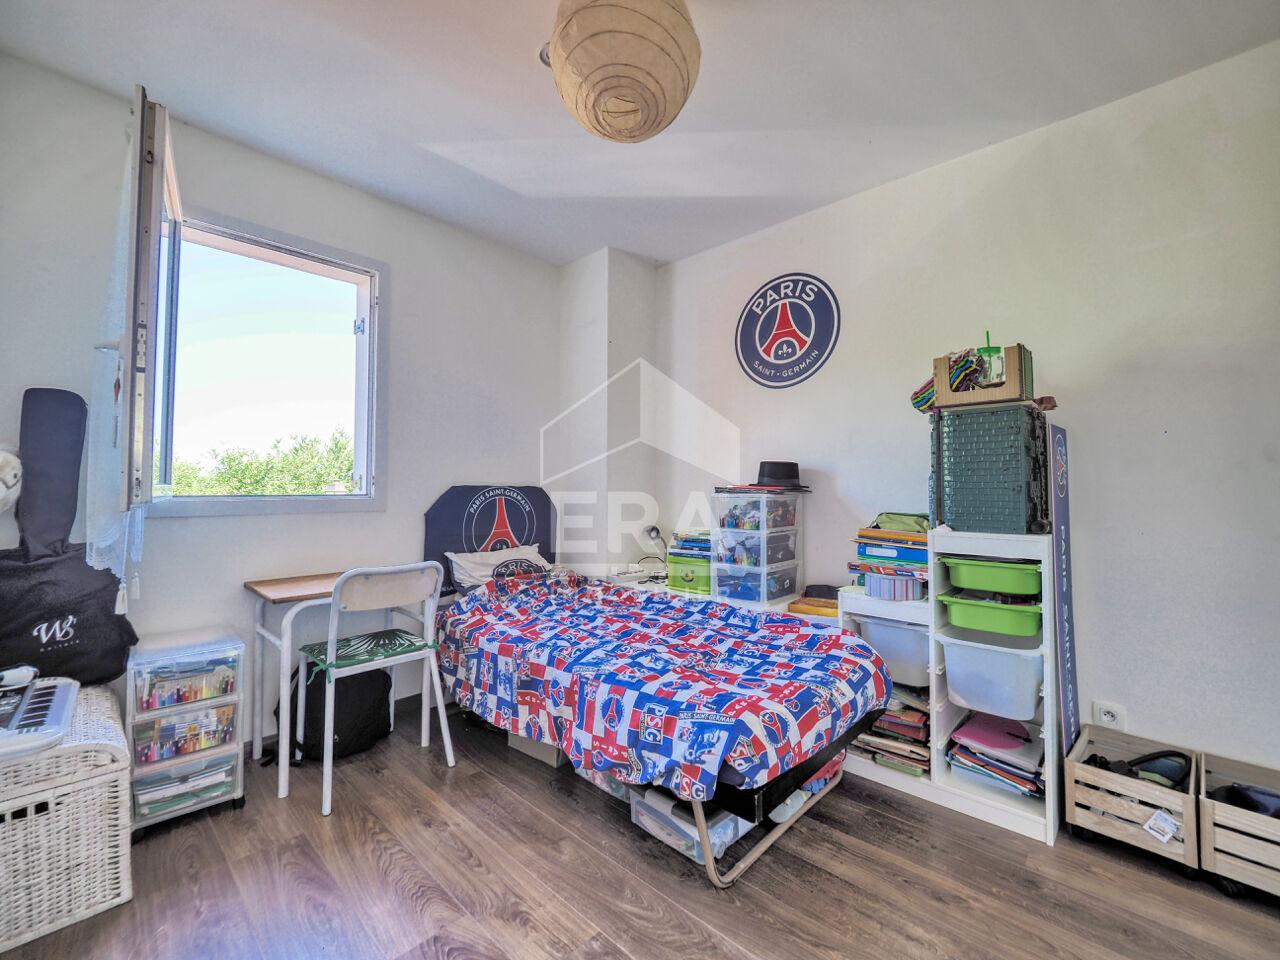 Vente maison 4 pièces  à SAINT PEE SUR NIVELLE - 5